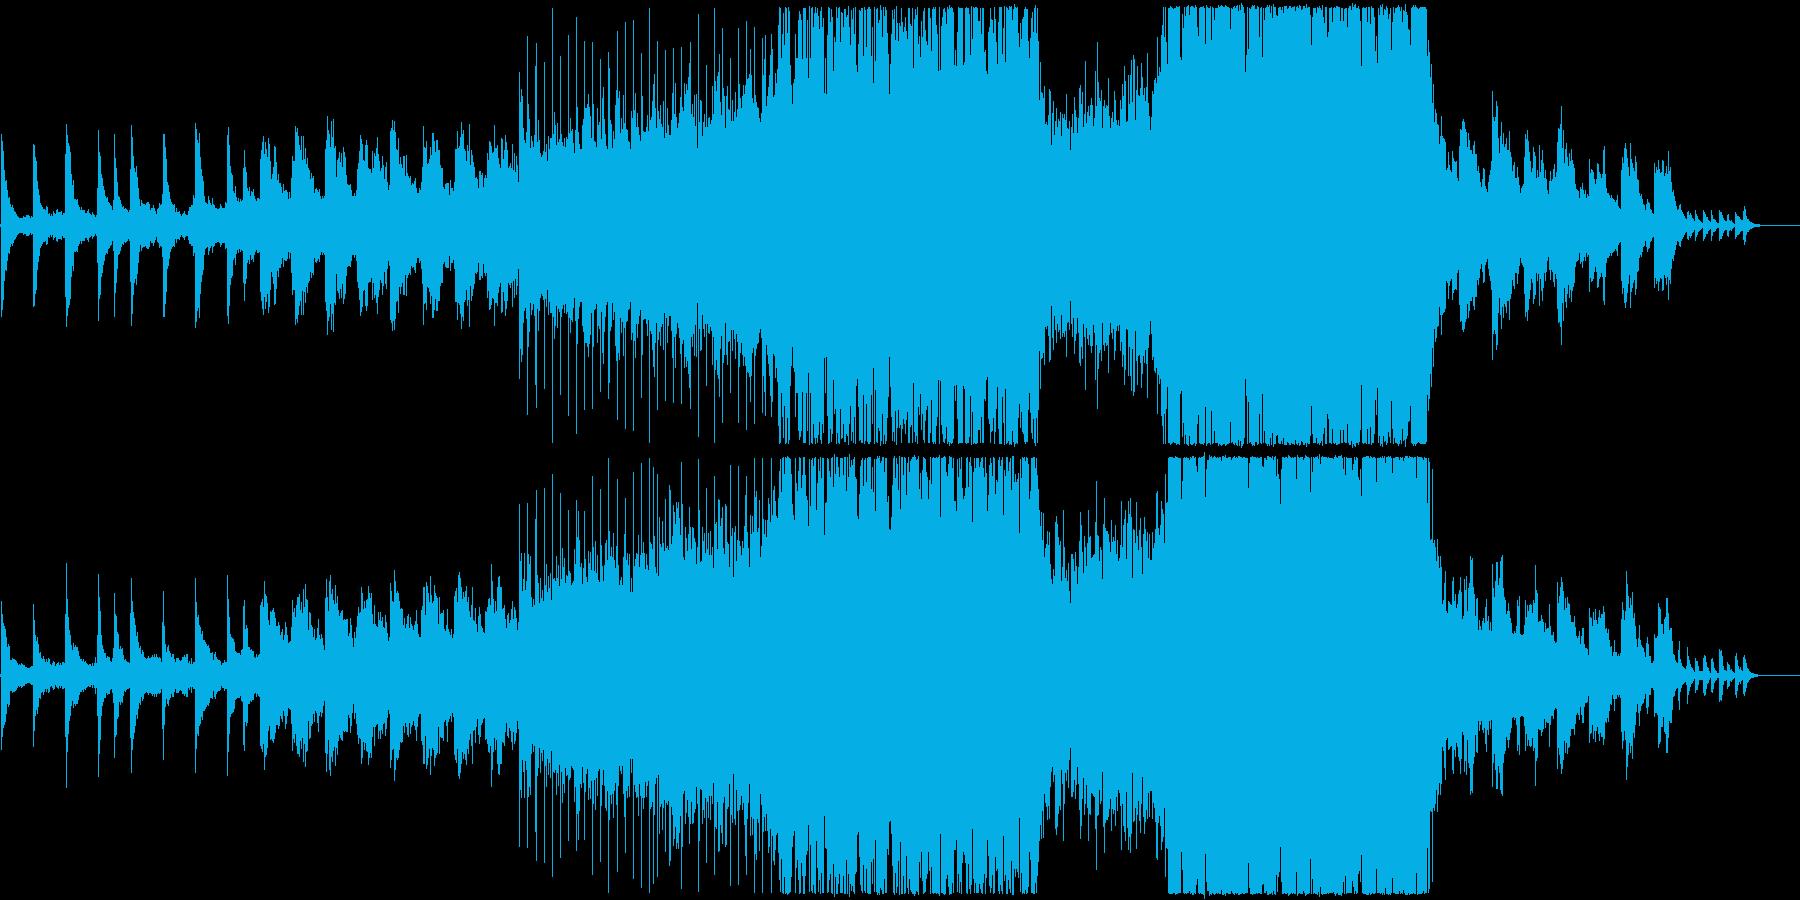 鮮やかで感動的な映像、CMにの再生済みの波形